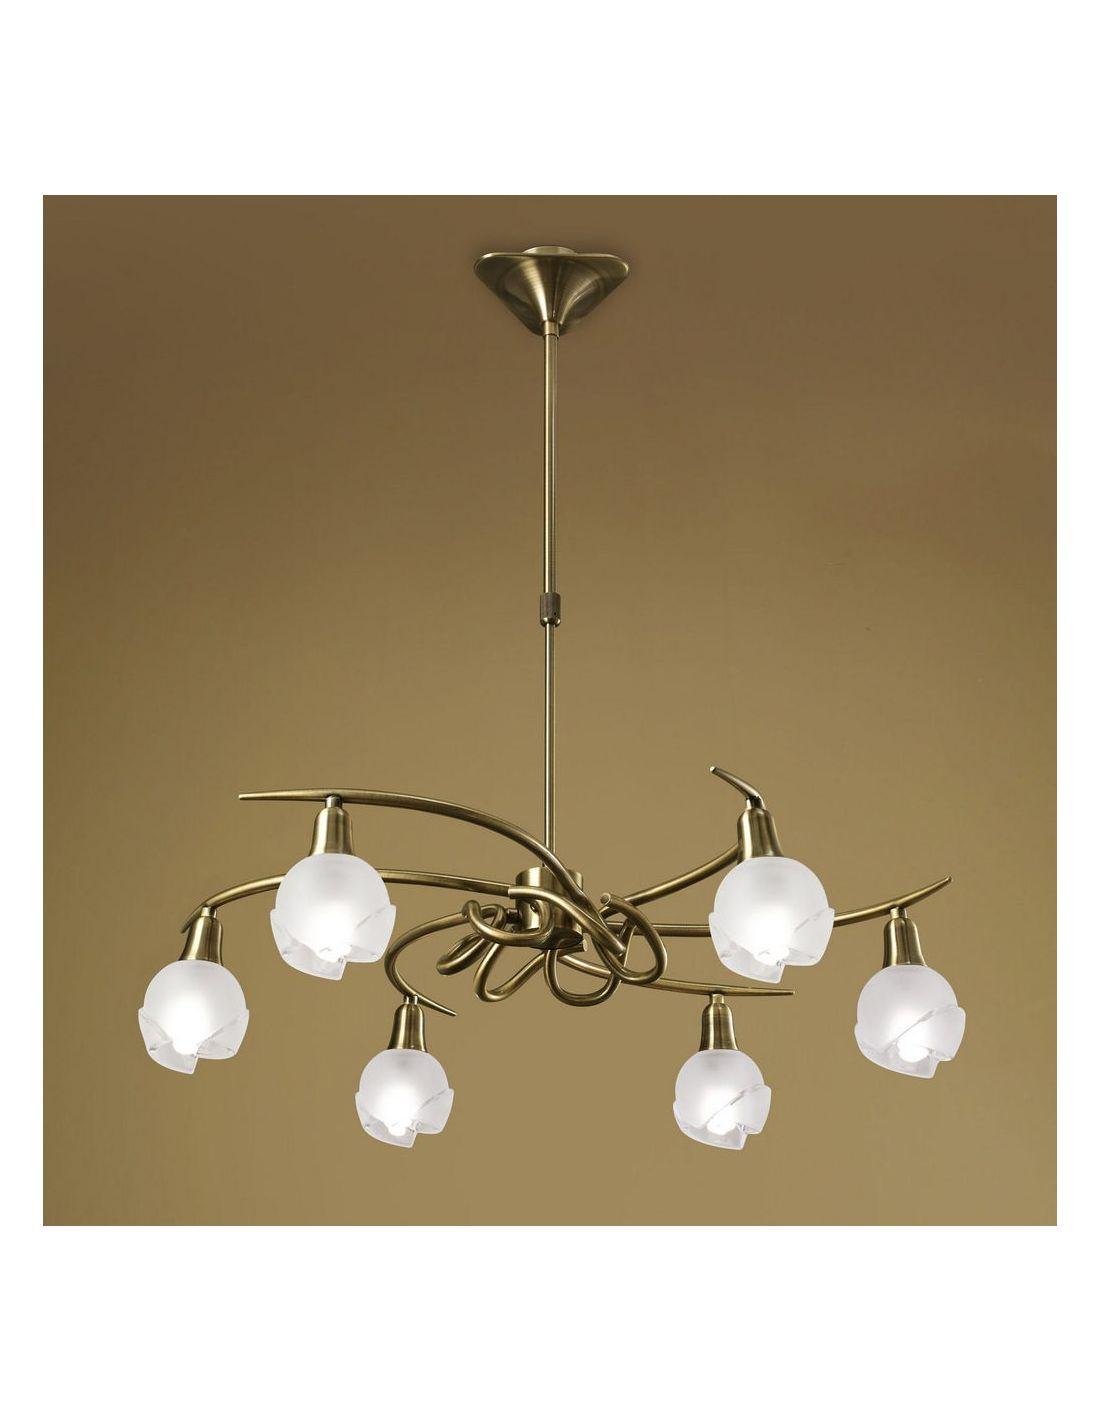 Bali l mpara de 6 luces de mantra iluminaci n env o gratis - Lamparas en dos hermanas ...